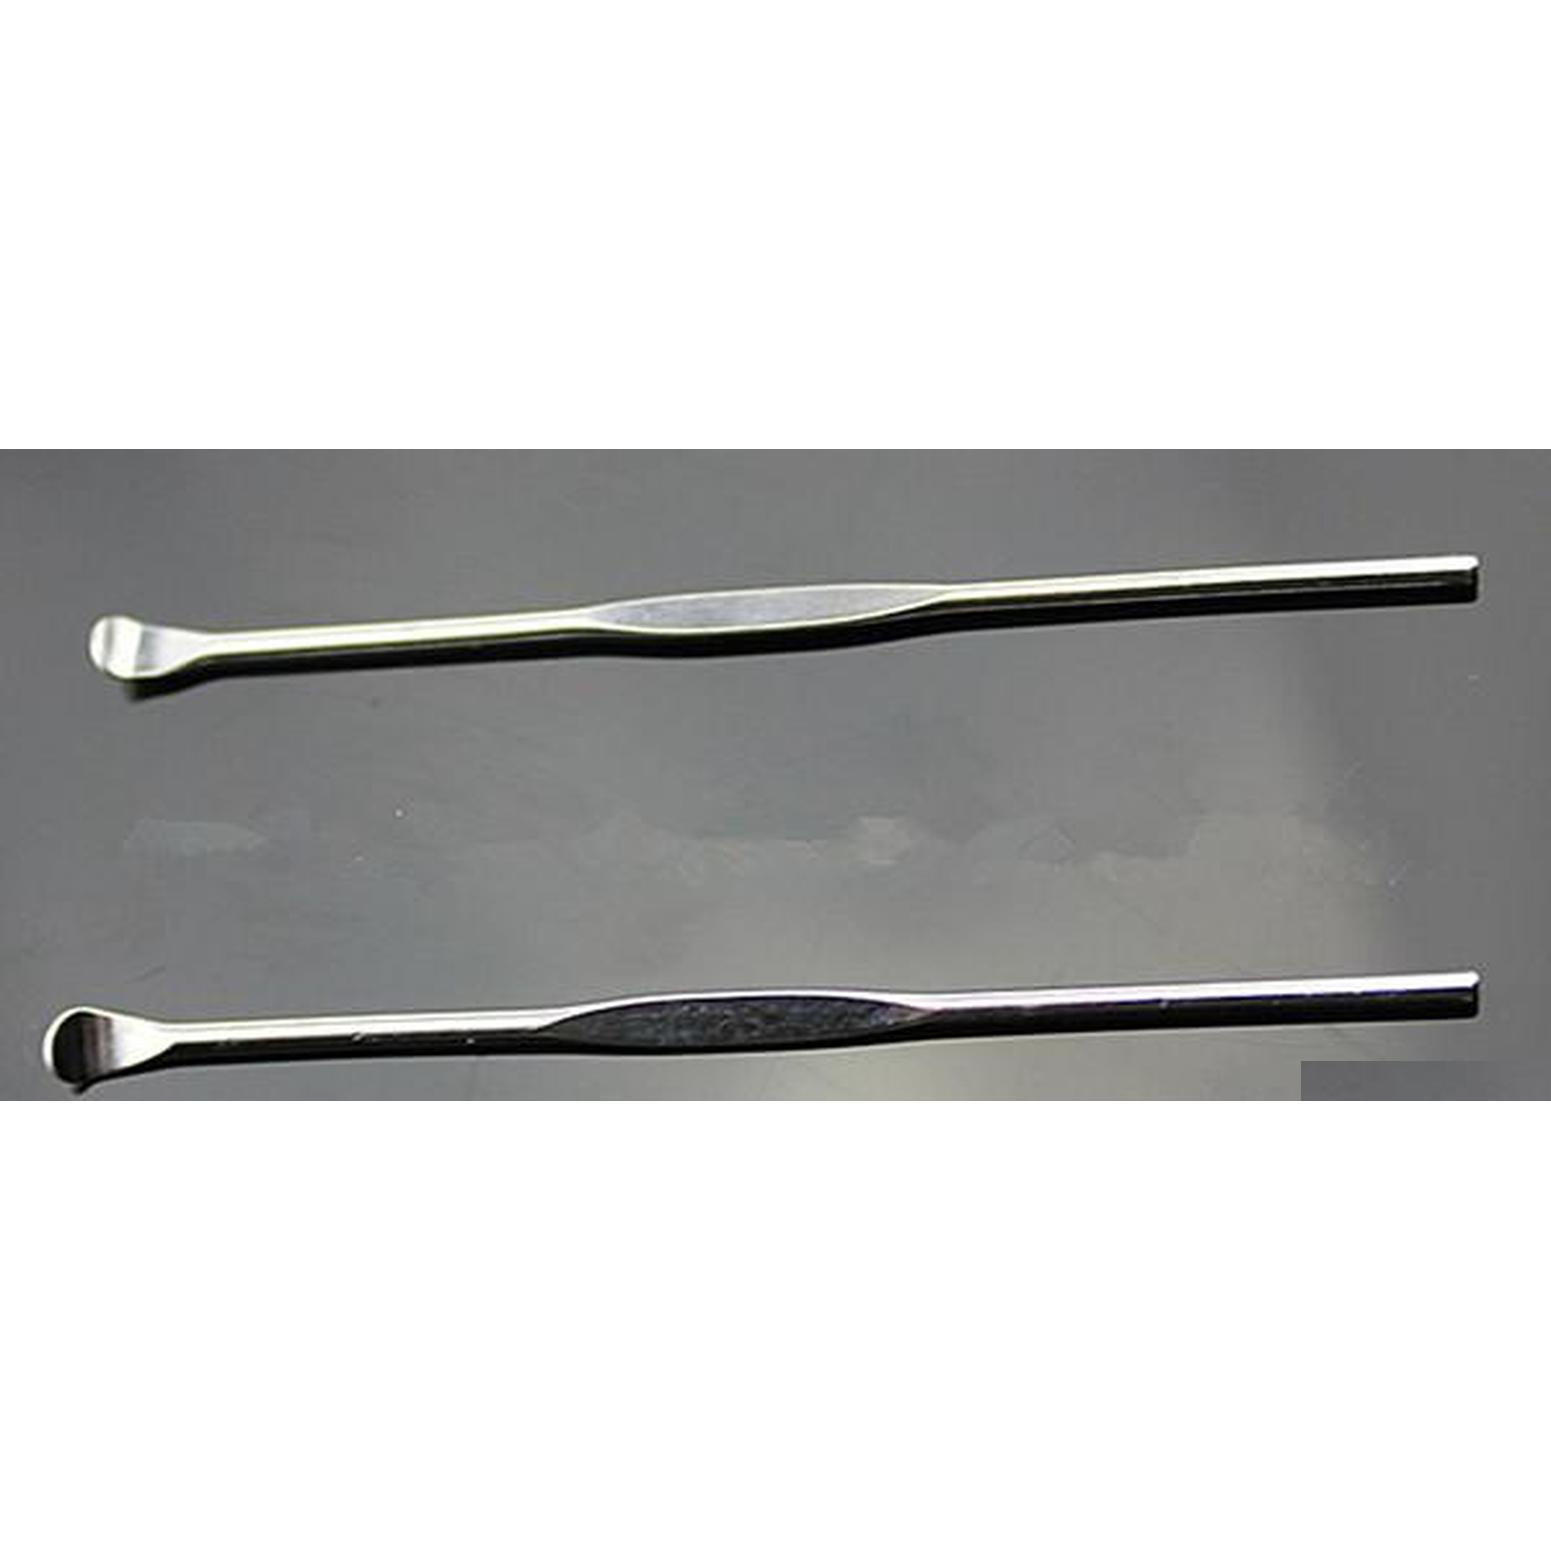 Otras herramientas de accesorios de ECIG para atomizador de cera CIG CIG de acero inoxidable DAB Titanio Nail Herb Vaporizador Pen Dabber Tool P9ZWT Y79IN